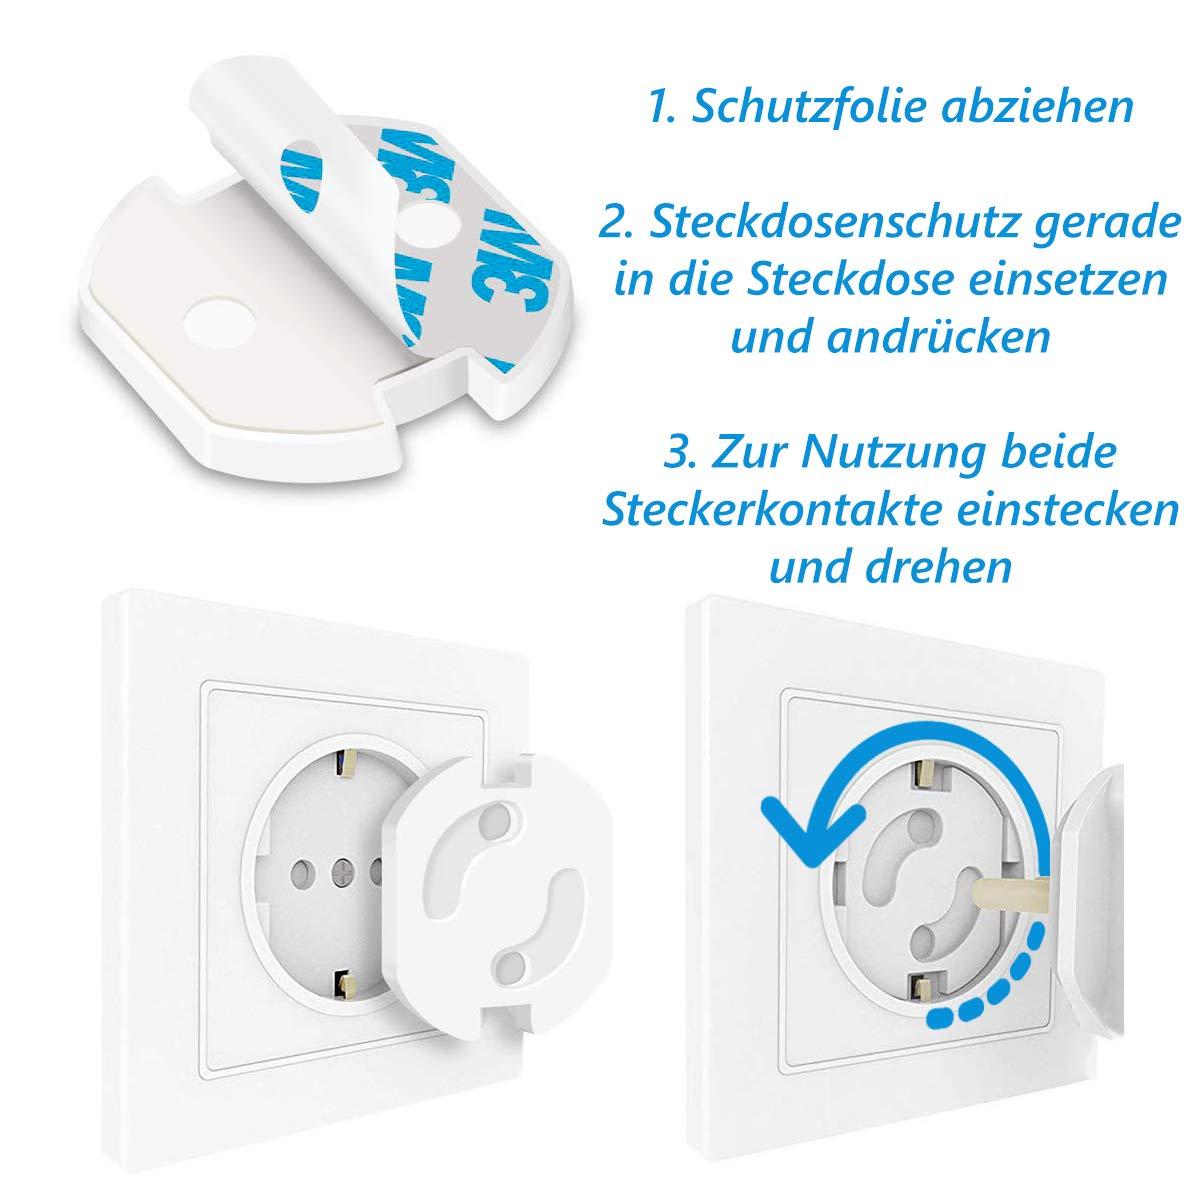 Steckdosenschutz Kindersicherung mit Drehmechanik Baby Steckdosensicherung f/ür Eurostecker Steckdosen